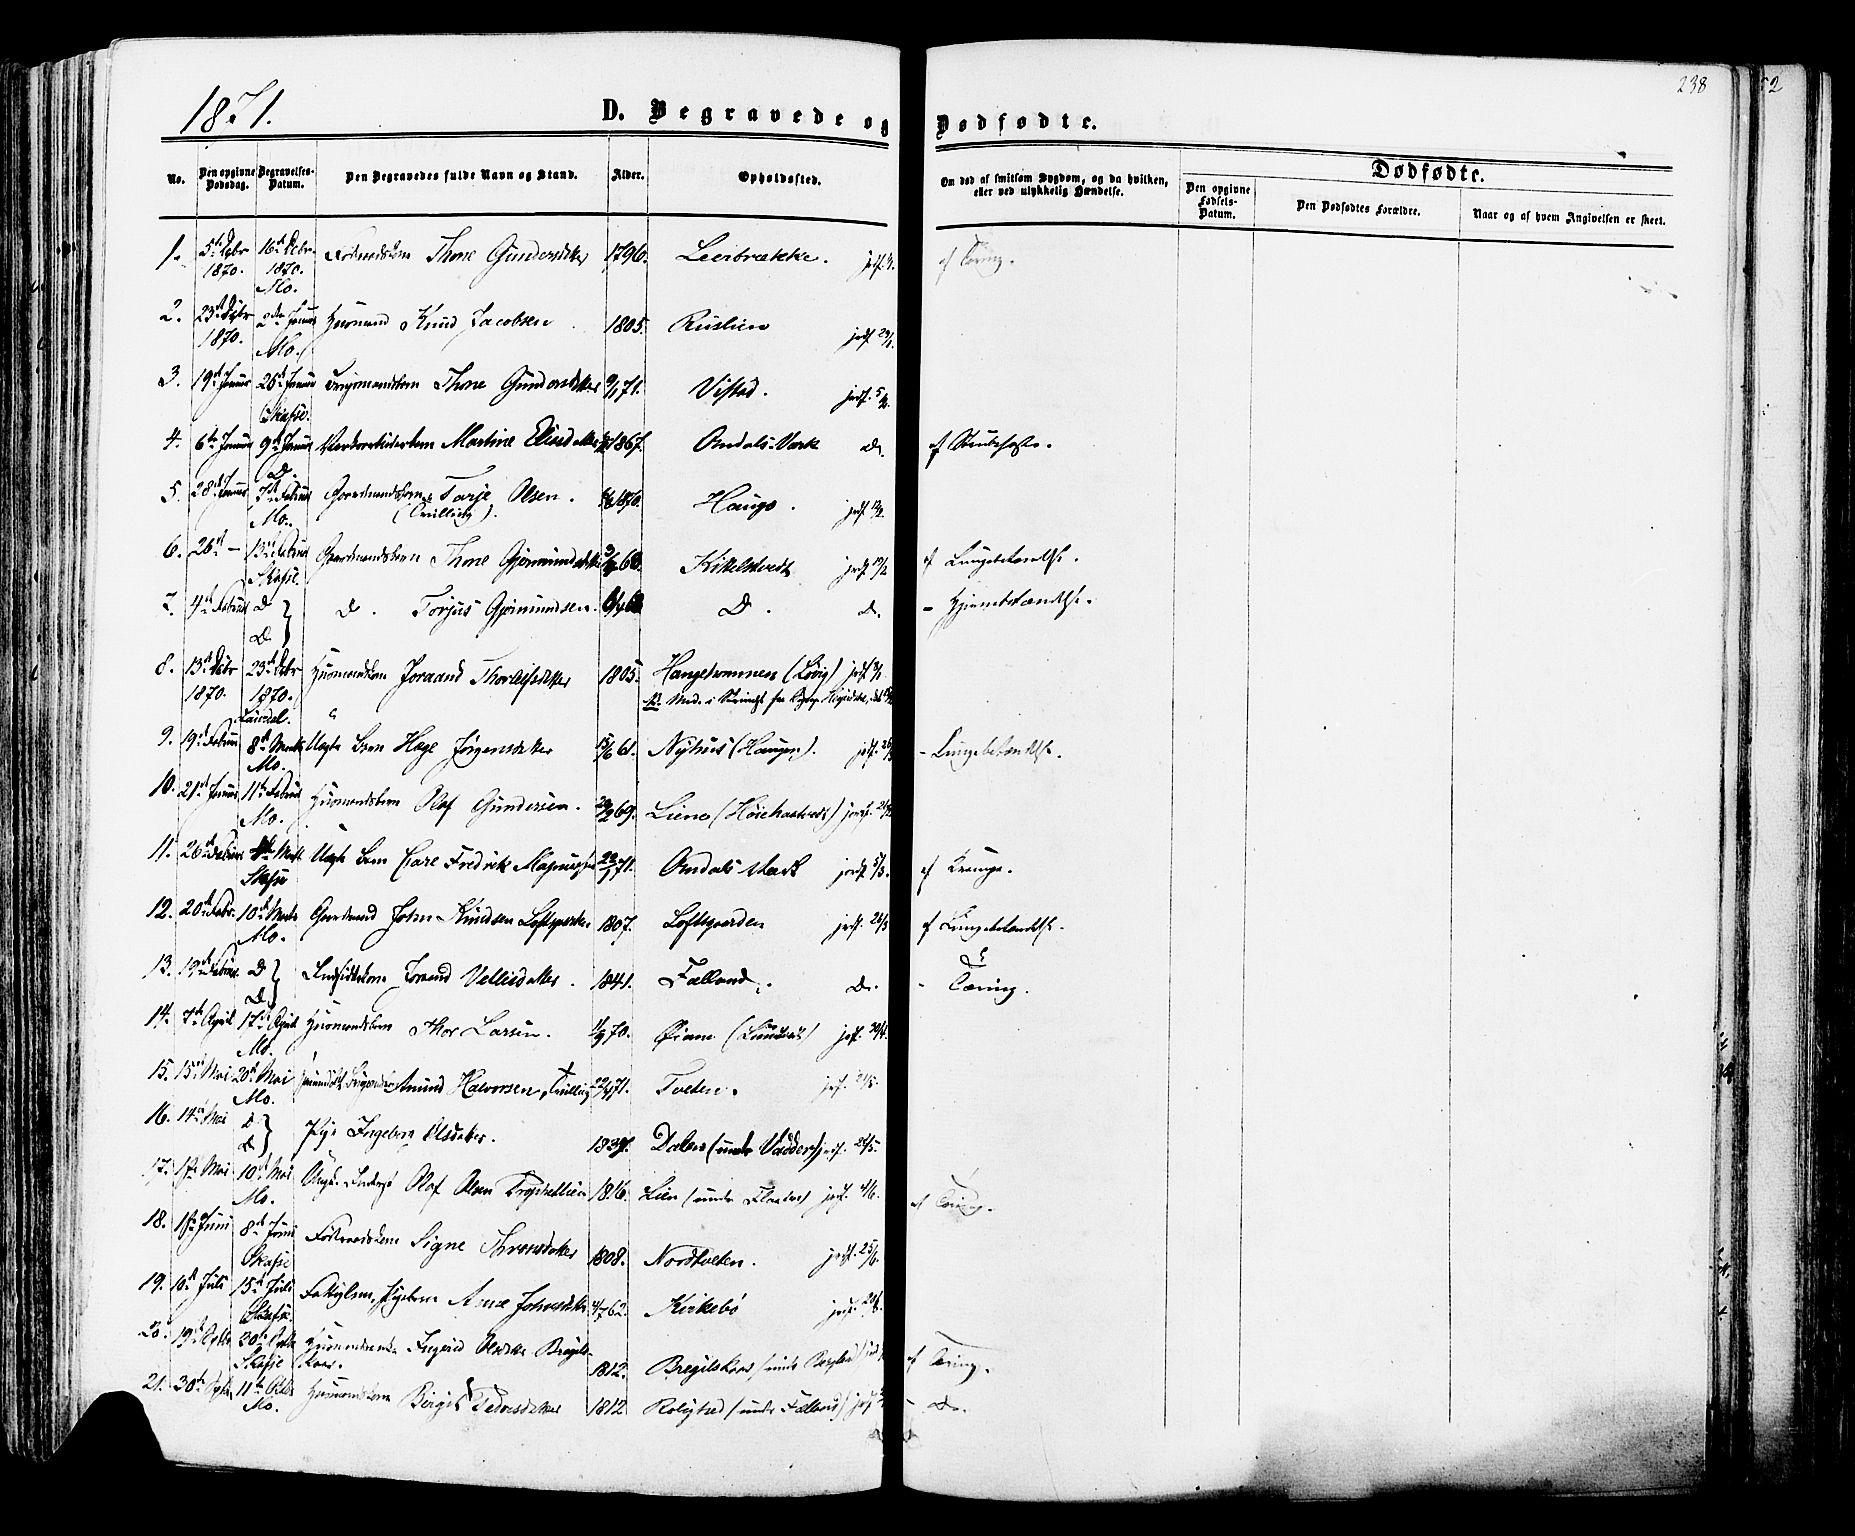 SAKO, Mo kirkebøker, F/Fa/L0006: Ministerialbok nr. I 6, 1865-1885, s. 238